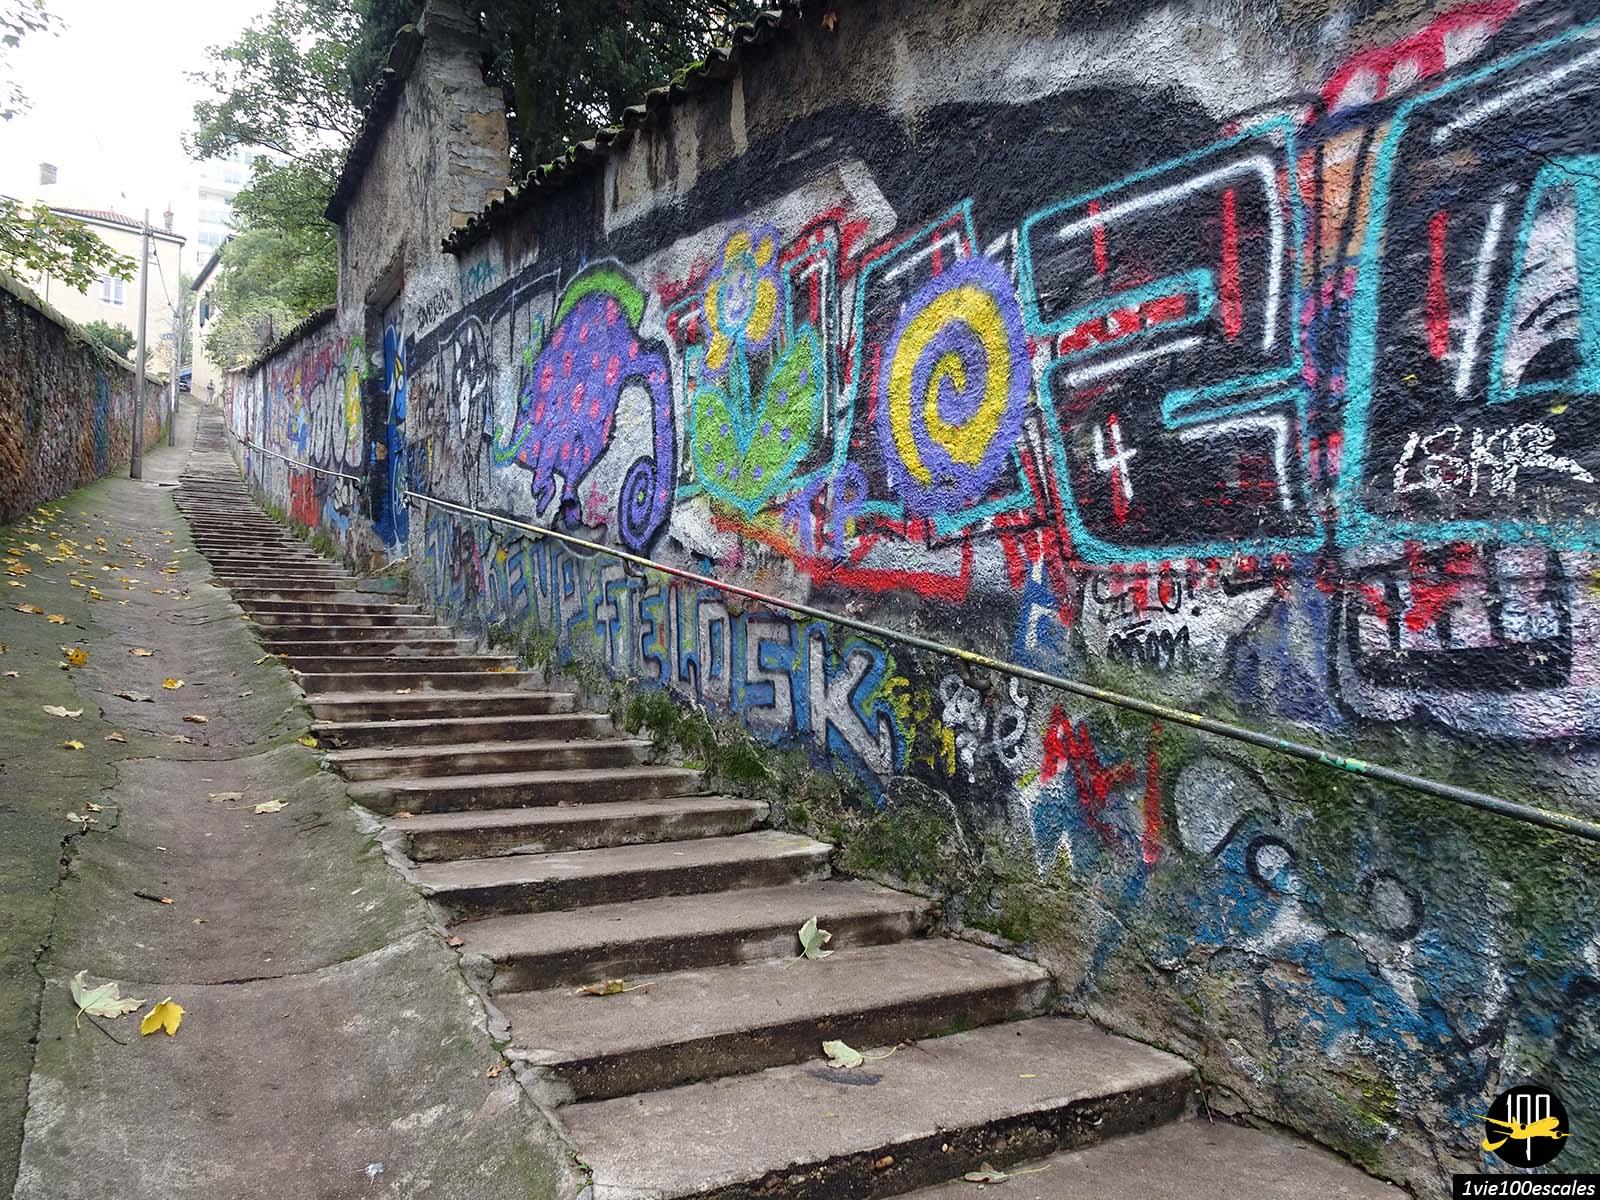 Les escaliers de la croix rousse à Lyon avec son street art